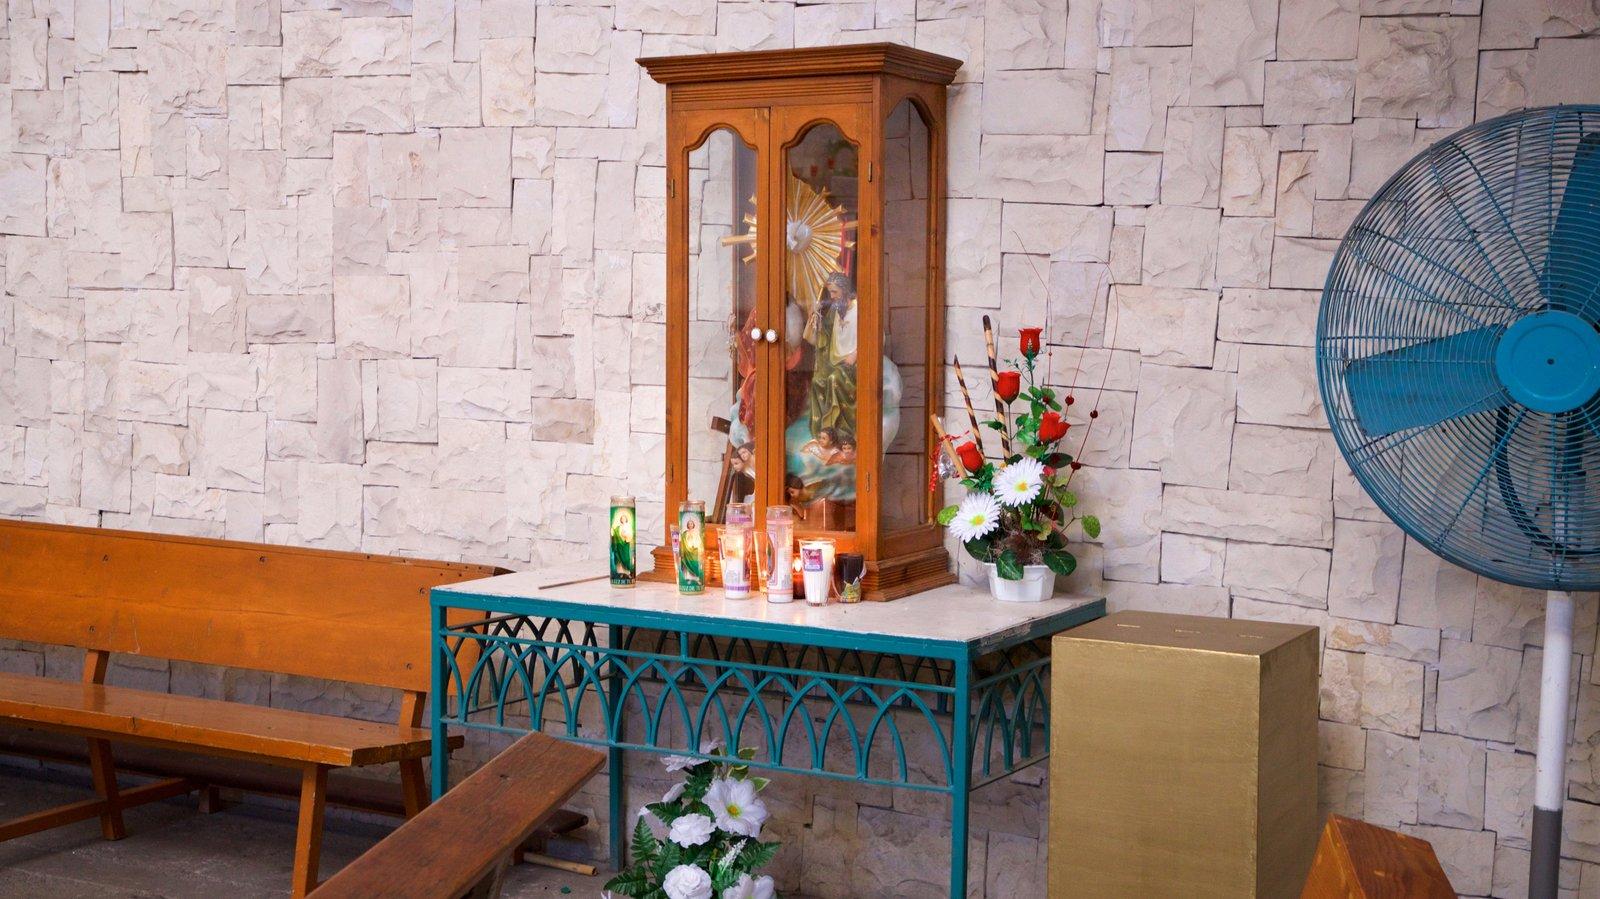 Santuario de la Virgen de Guadalupe mostrando elementos religiosos y vistas interiores